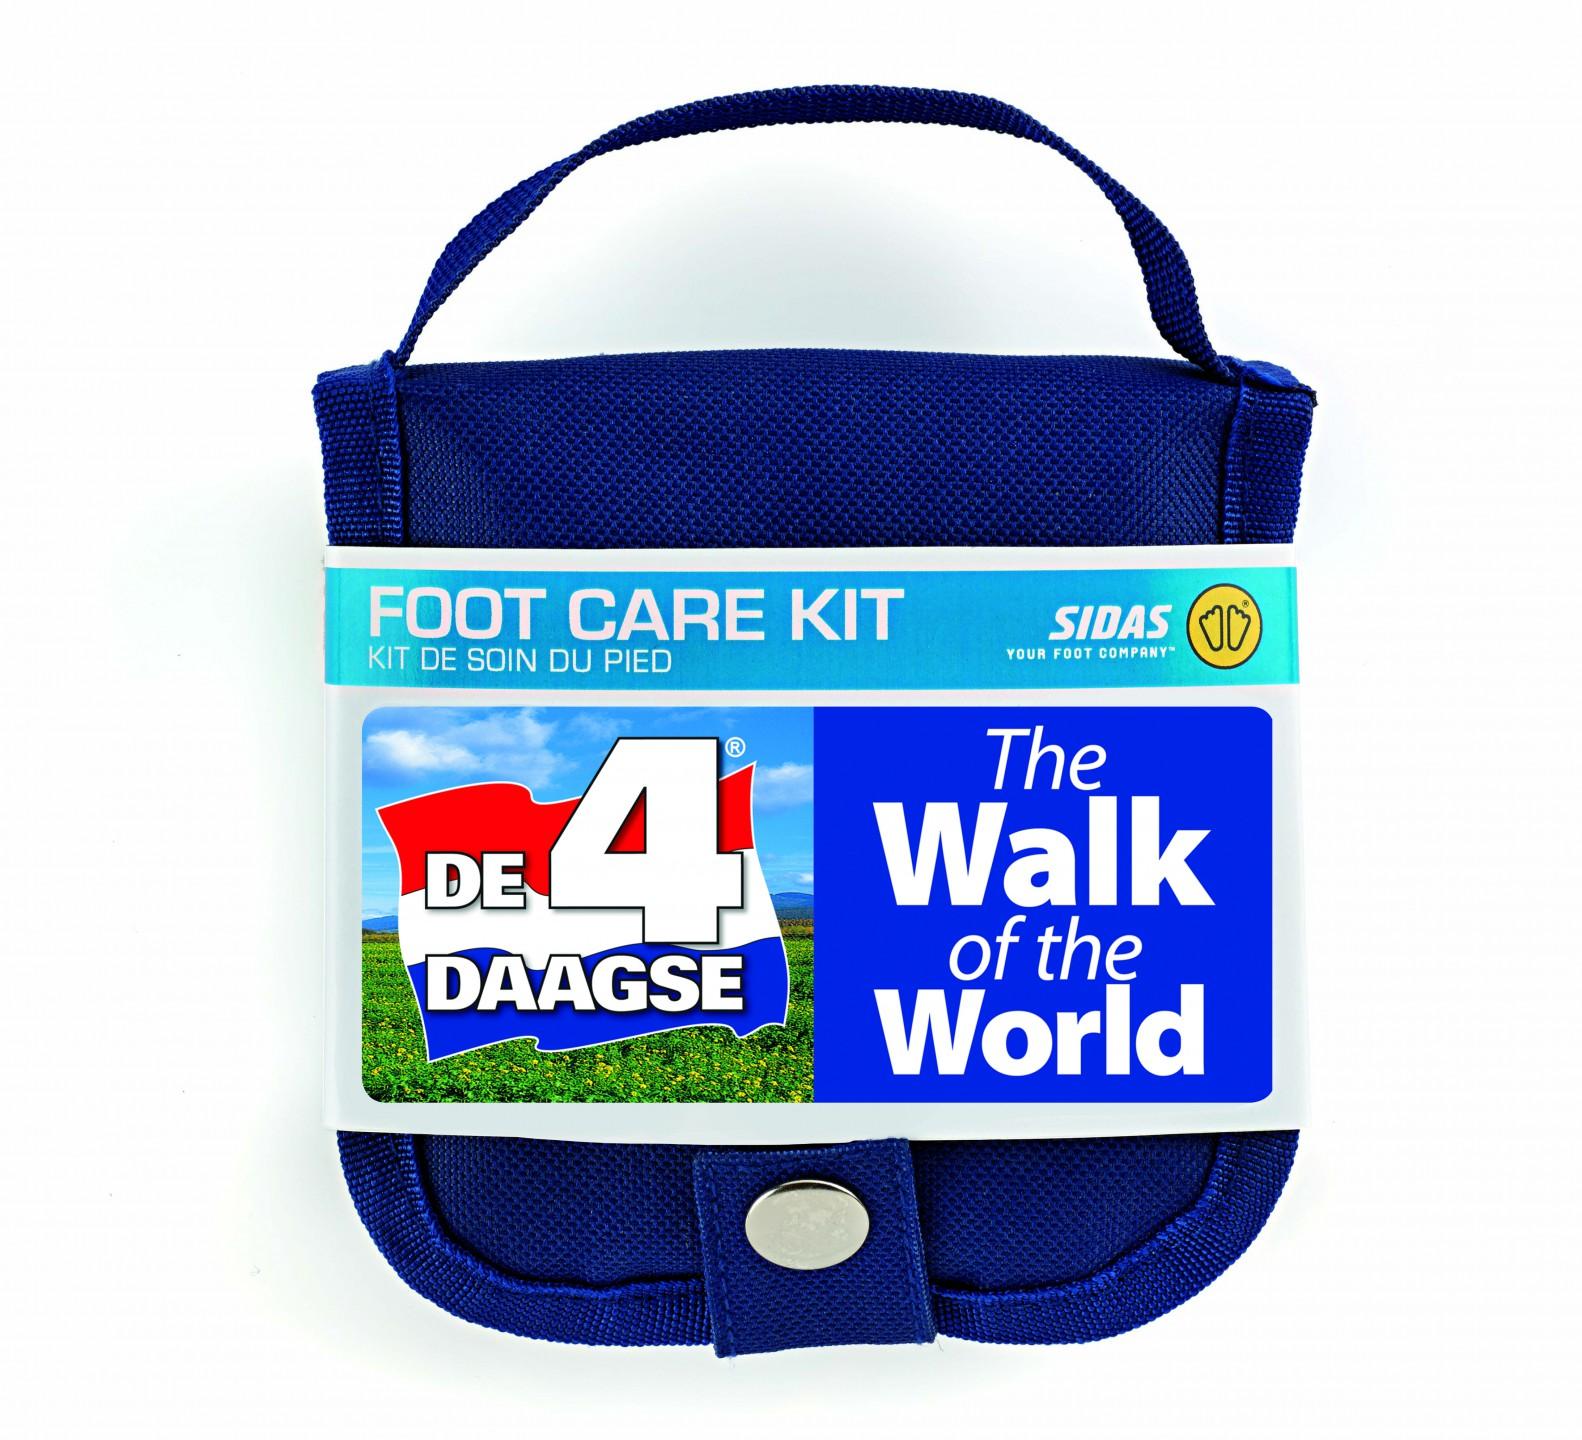 Footcare Kit N4D